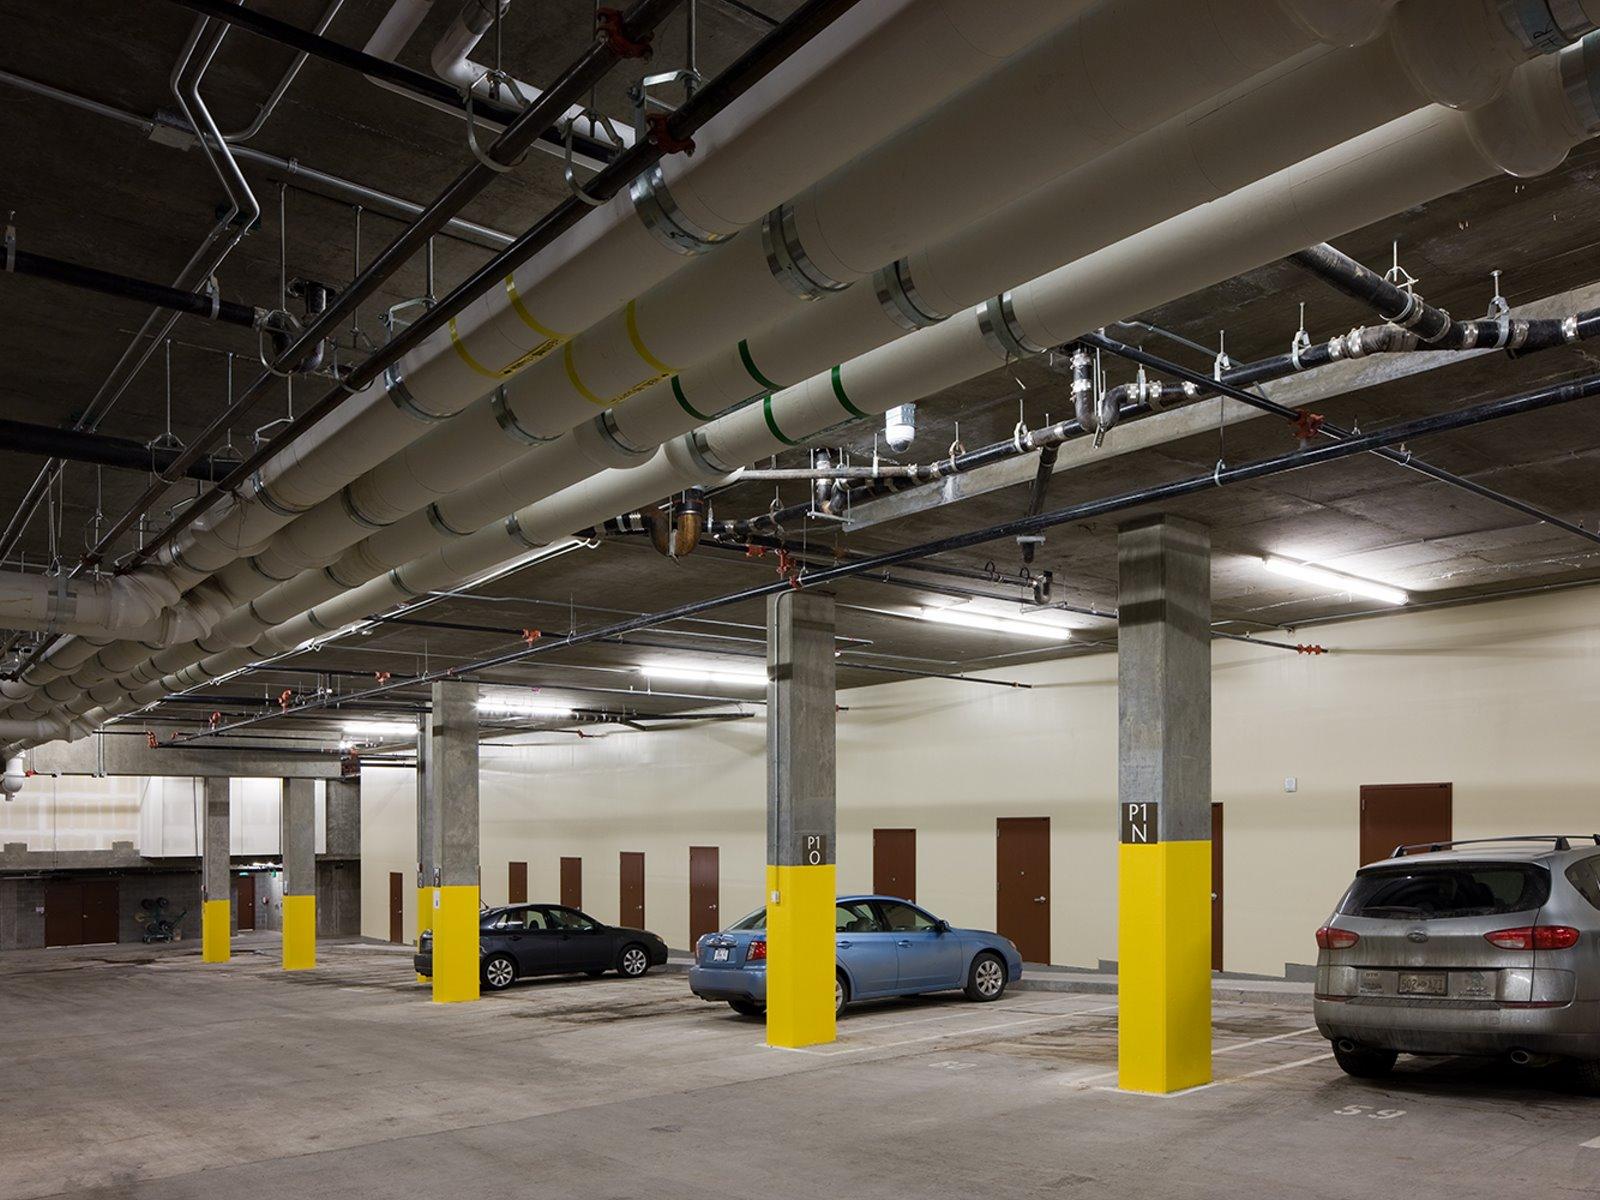 FOUR SEASONS VAIL PARKING GARAGE